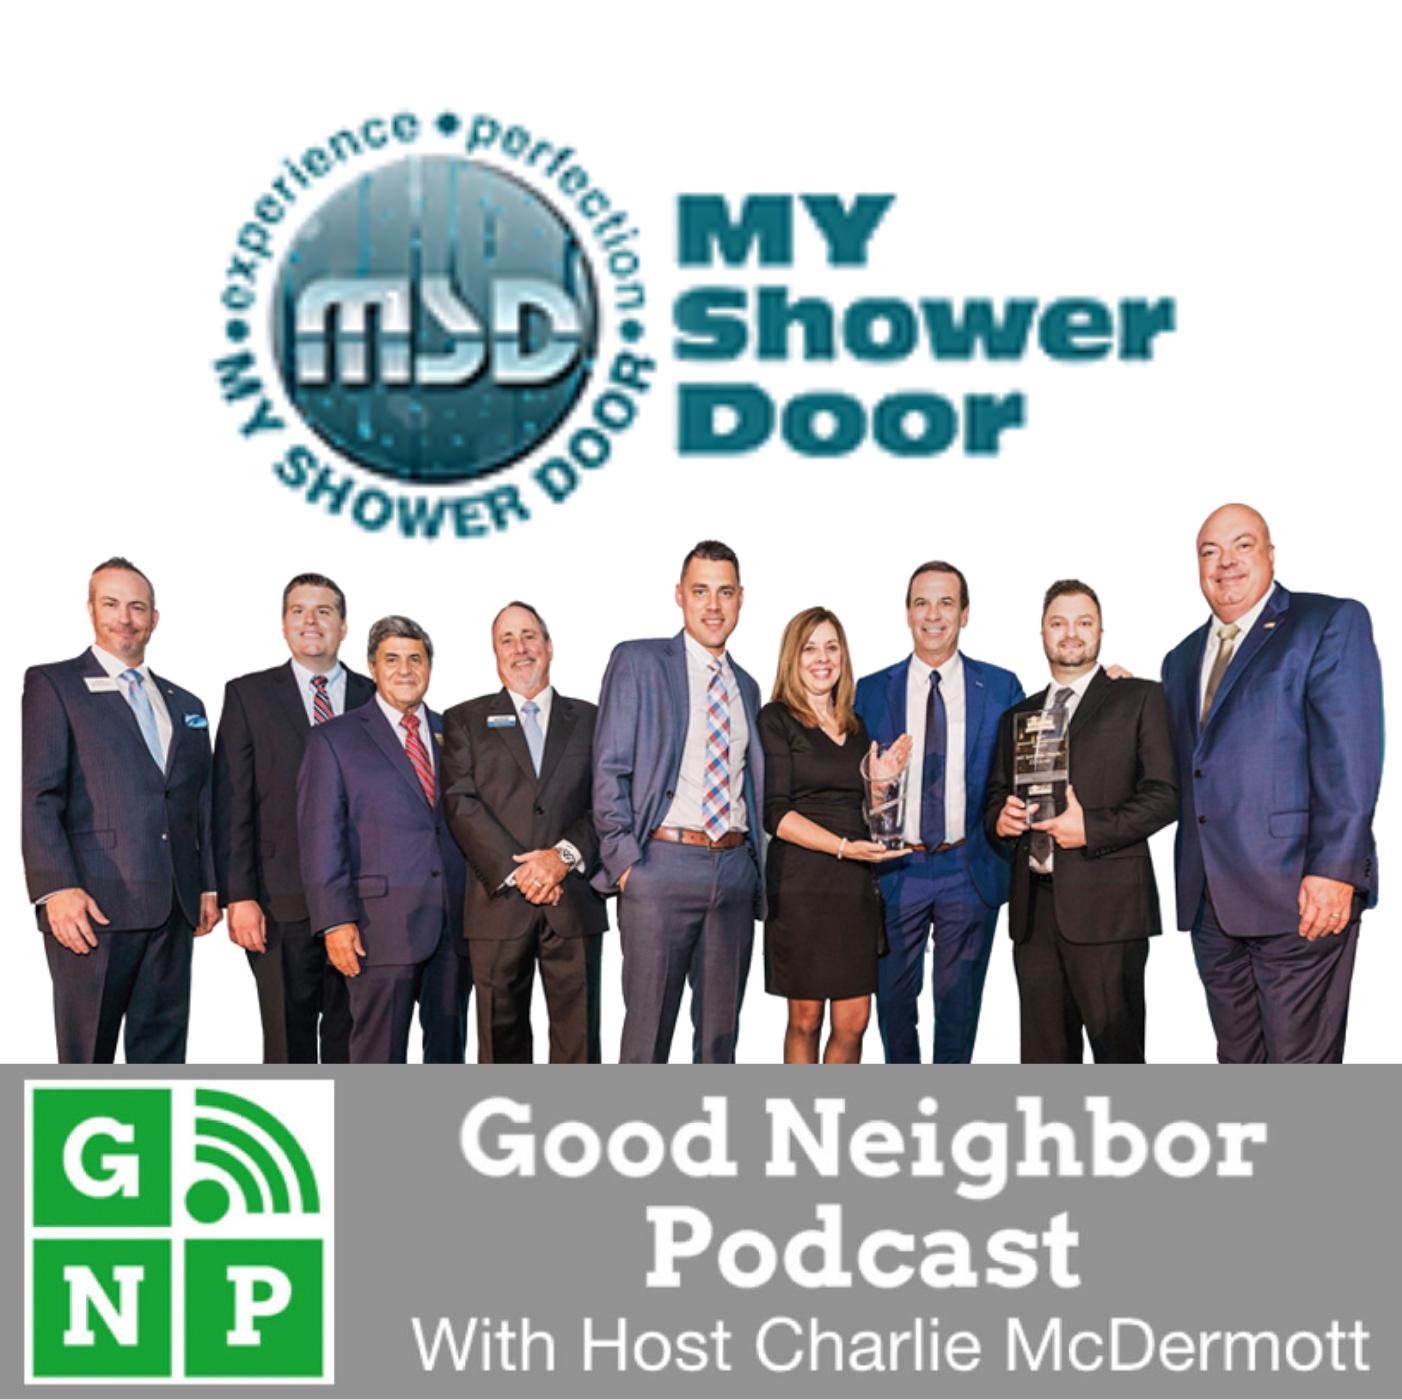 Good Neighbor Podcast with My Shower Door